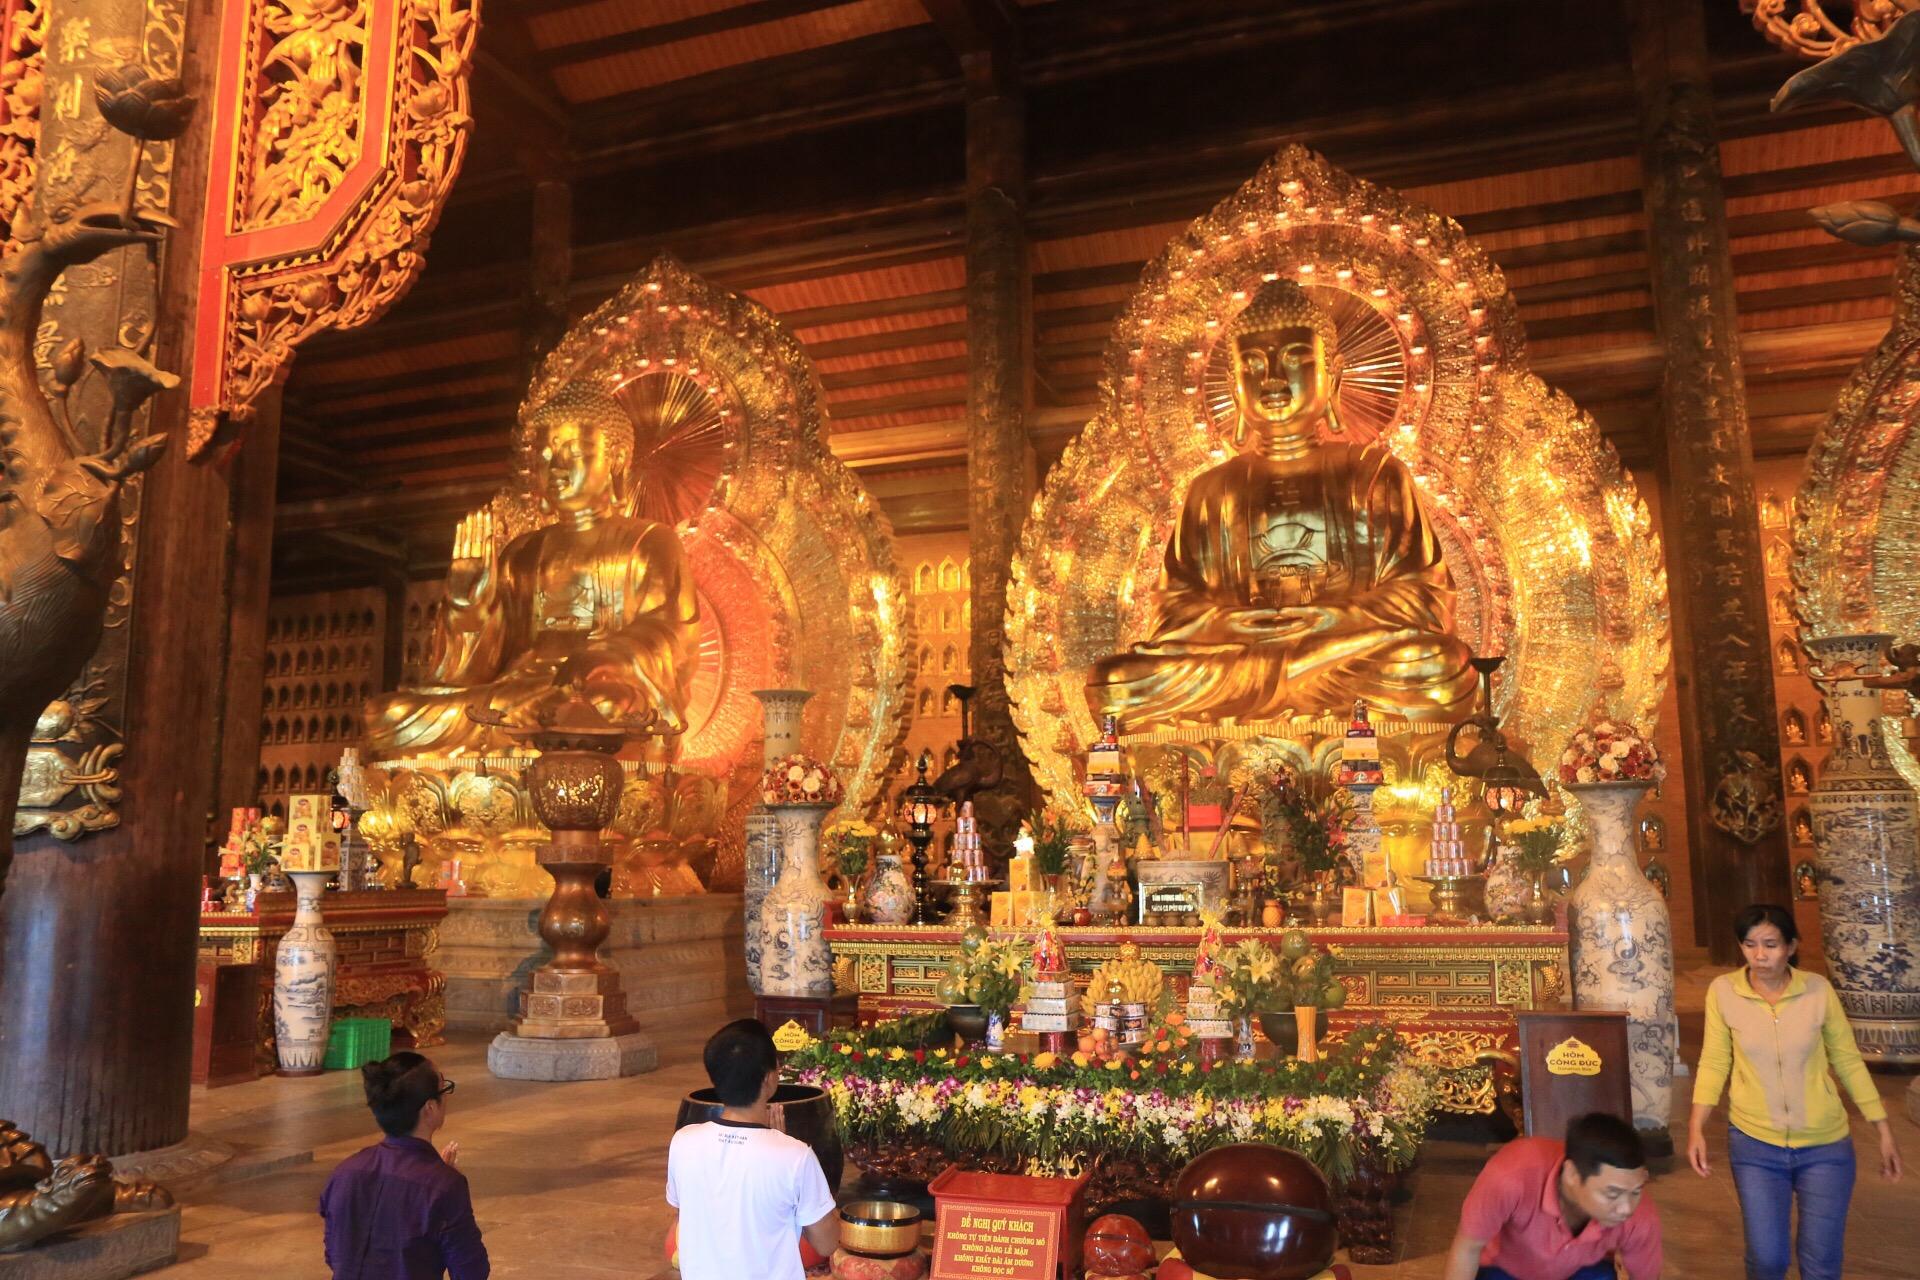 Drei riesengroße Statuen im Inneren des Tempels.